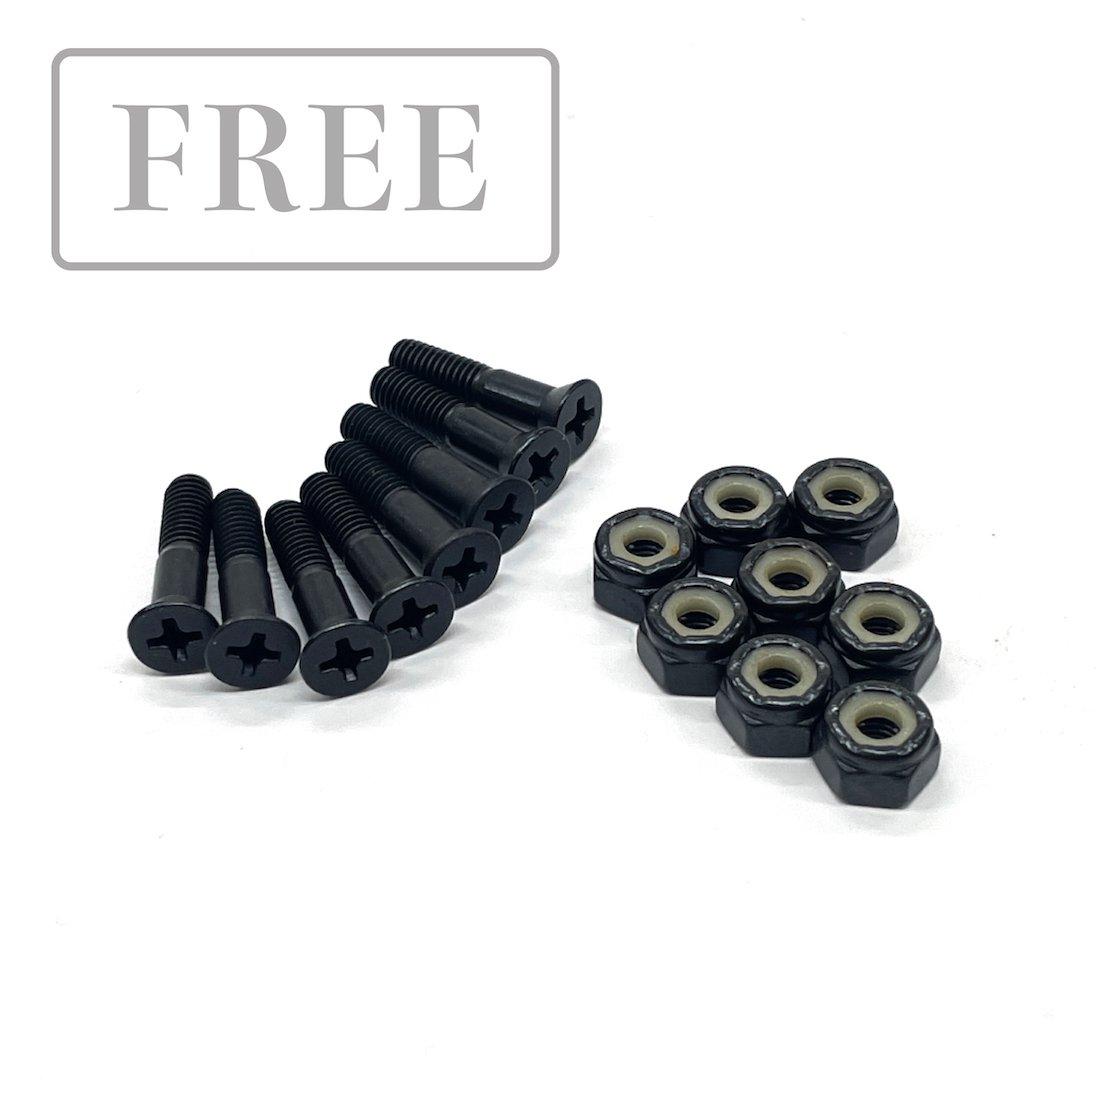 【FREE BOLT】六角ボルト 7/8 - Black